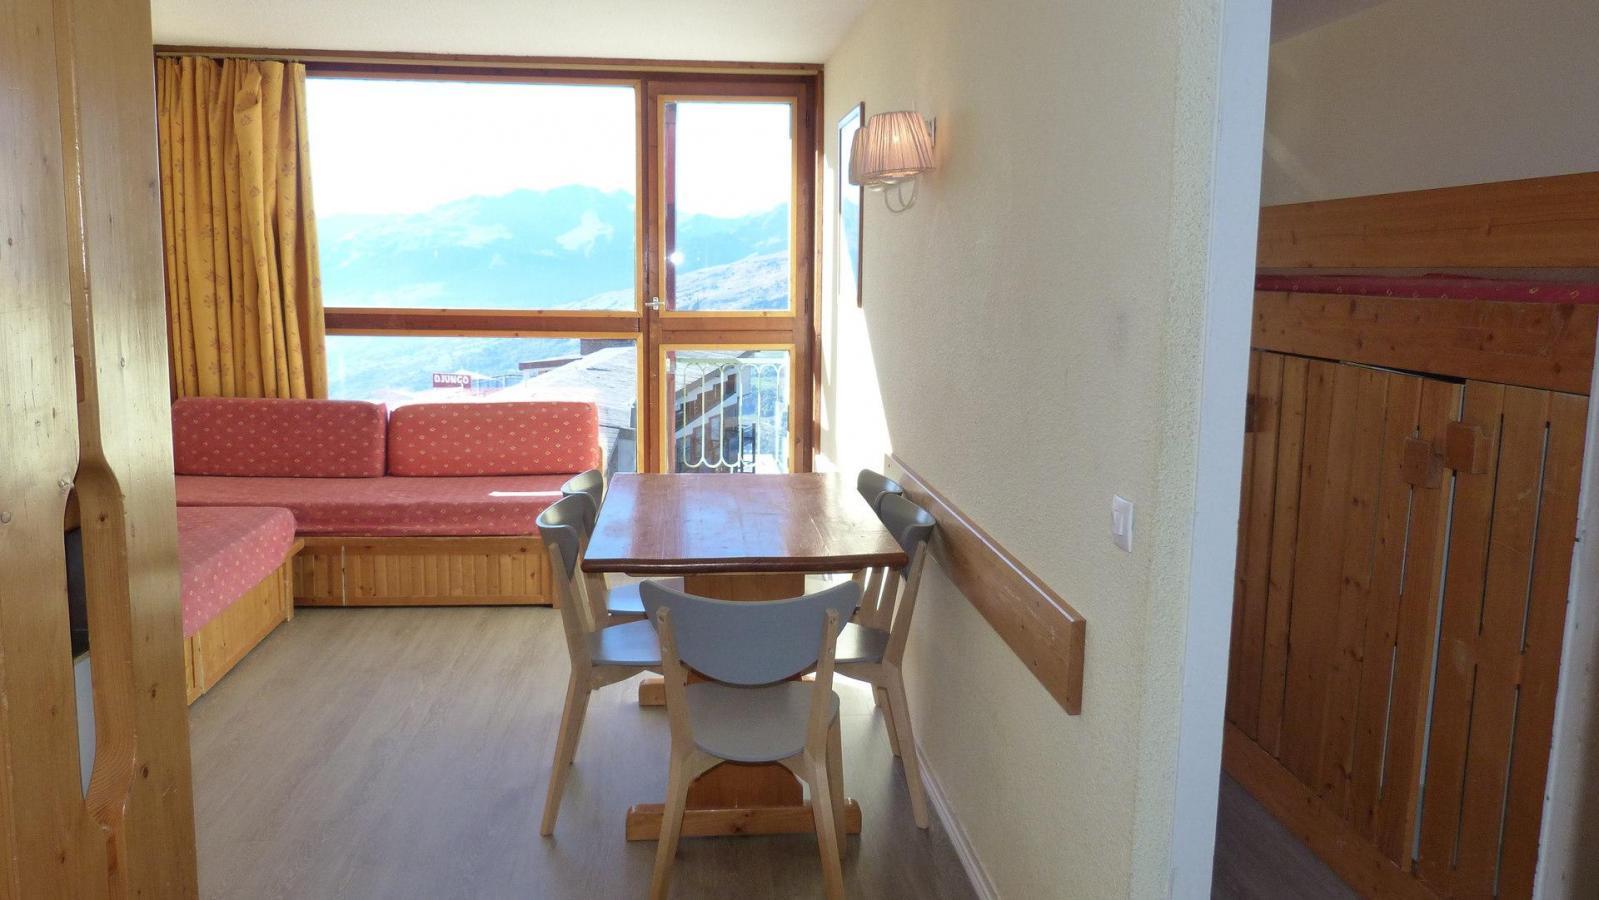 Location au ski Appartement 2 pièces 5 personnes (319) - Residence Les Tournavelles - Les Arcs - Kitchenette